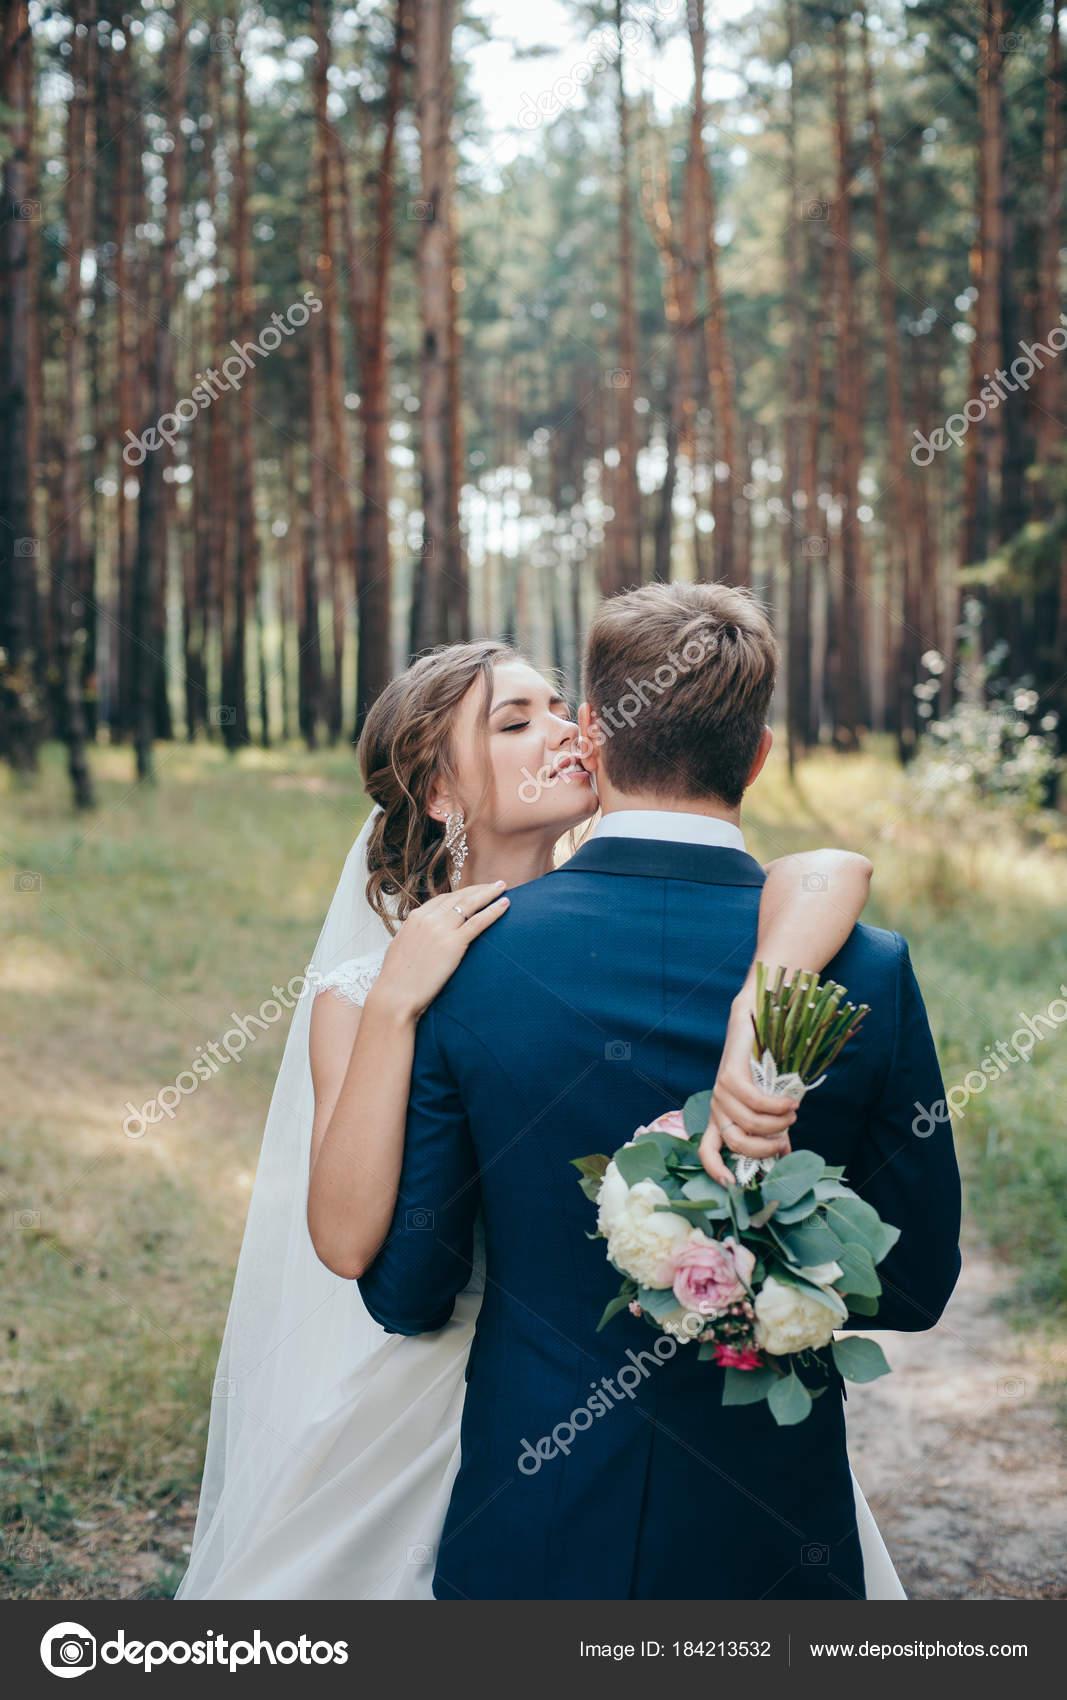 Die Braut und Bräutigam Hochzeit Kleider auf natürlichen Hintergrund ...